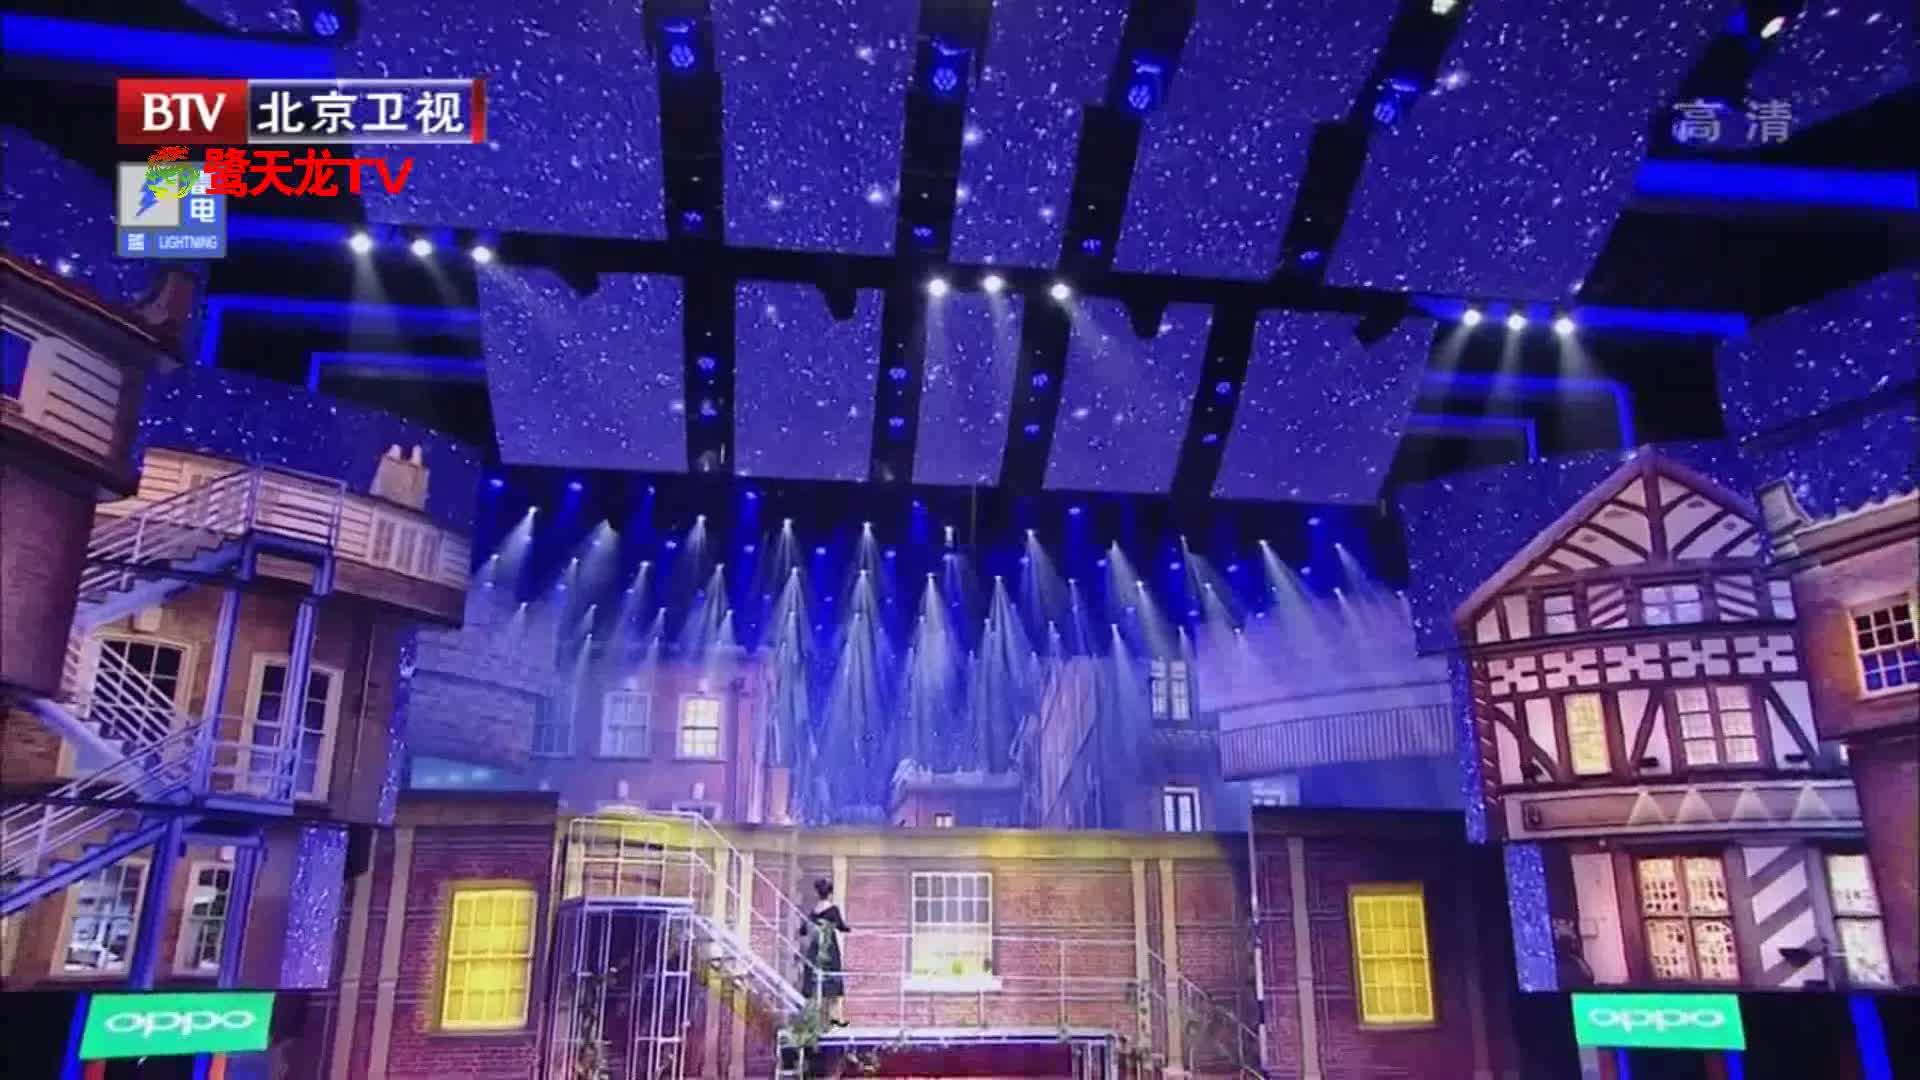 跨界歌王:江珊版英文歌惊艳全场,全体鼓掌